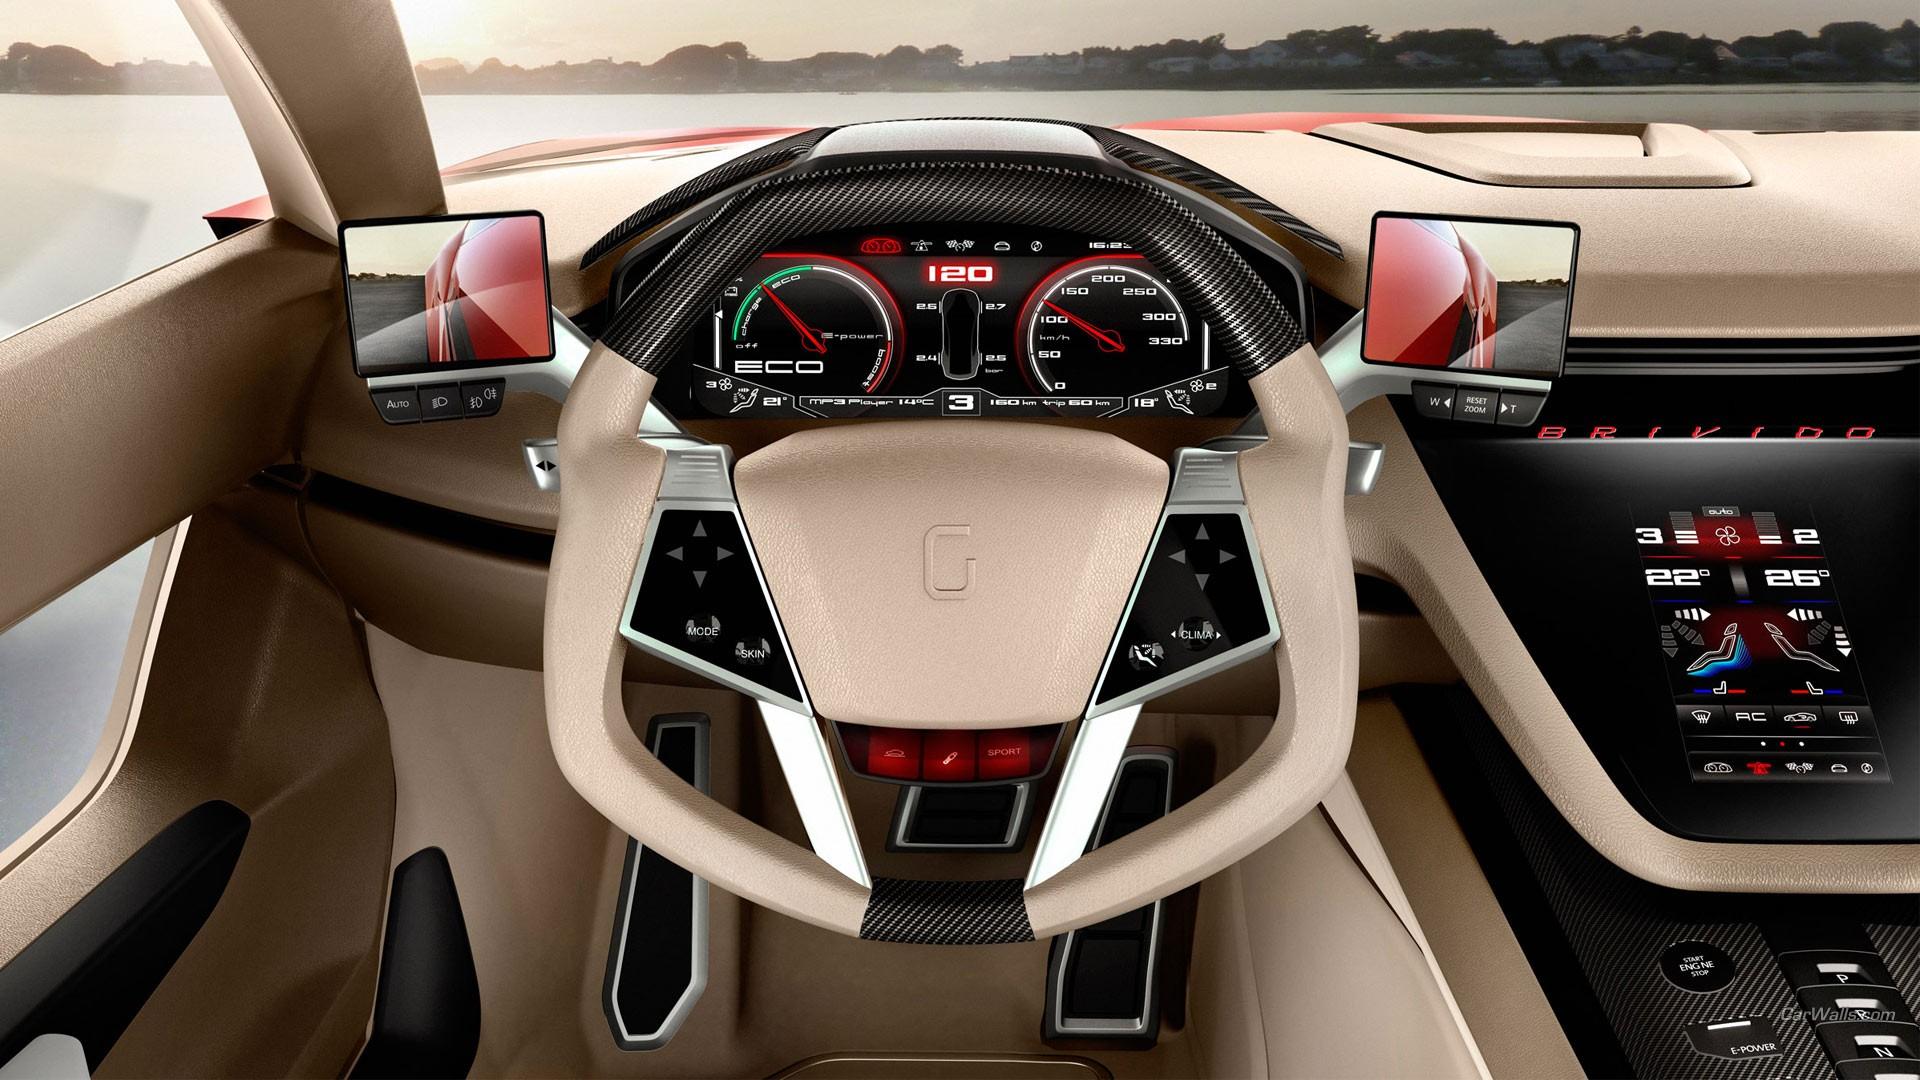 sfondi interni auto super car auto sportiva macchina di spettacolo volante italdesign. Black Bedroom Furniture Sets. Home Design Ideas